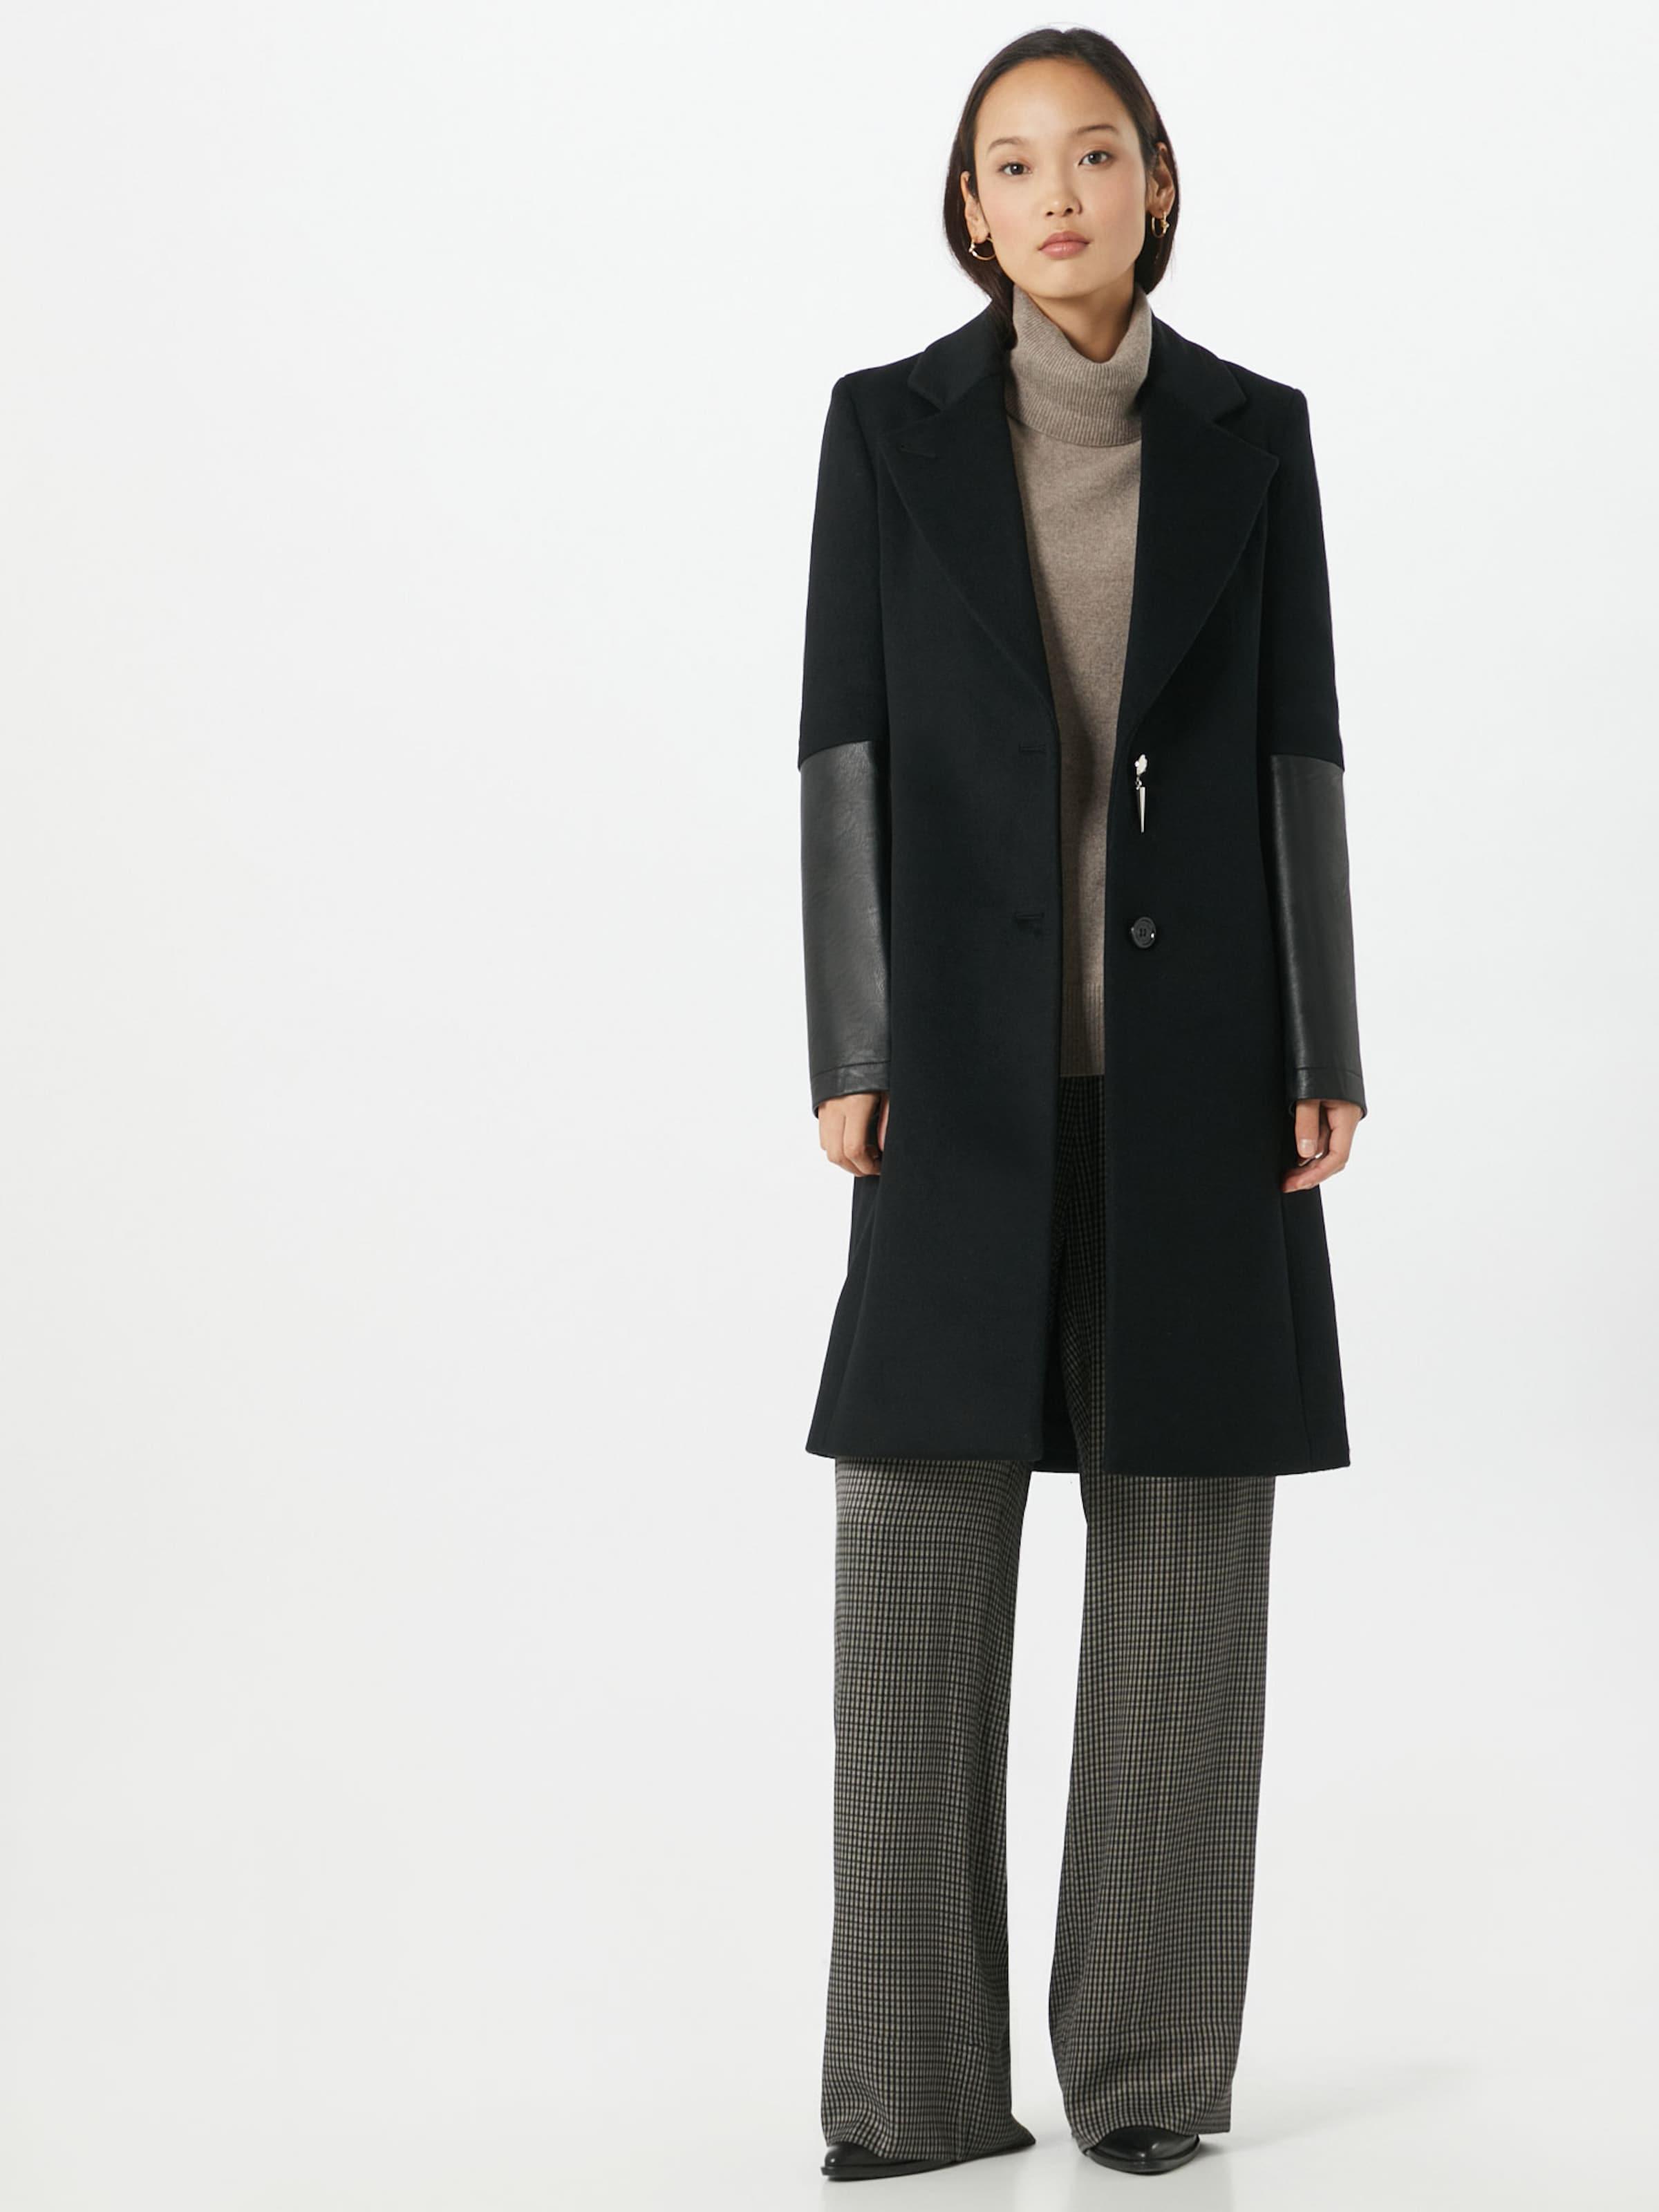 PATRIZIA PEPE Átmeneti kabátok fekete színben